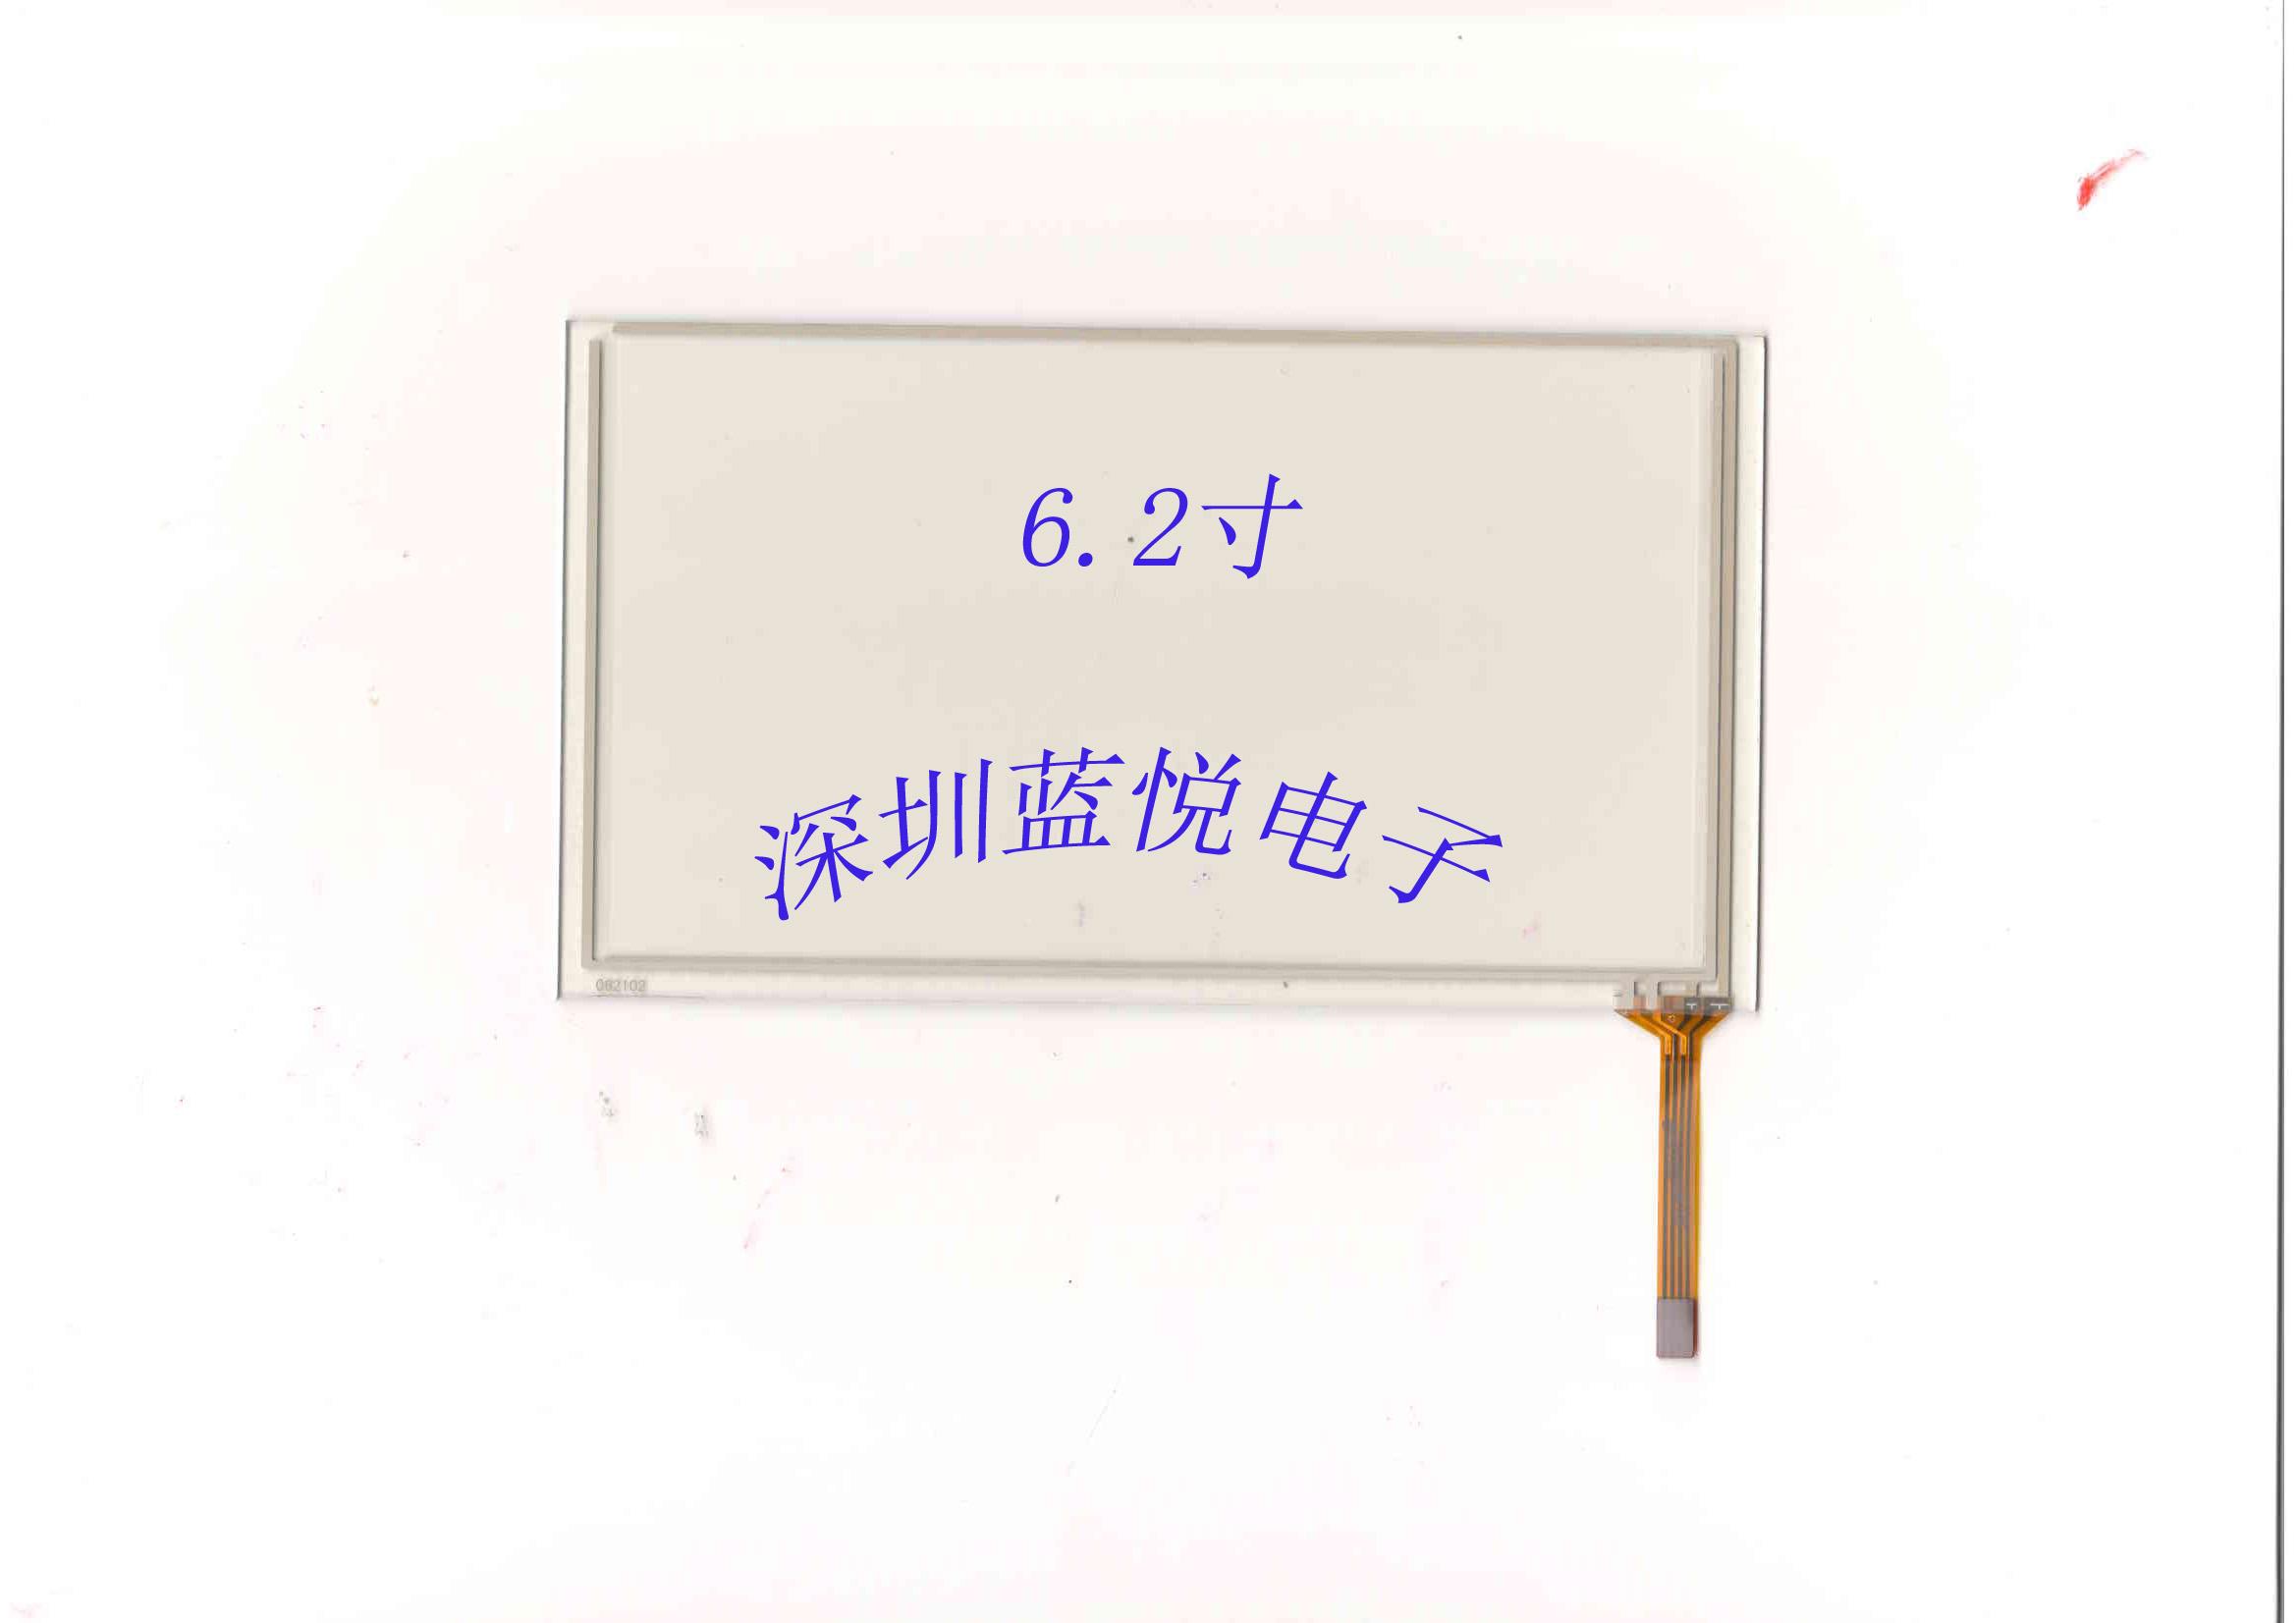 6.2寸路特仕 导航 触摸外屏 手写屏 HLD-TP-1878 代用屏 即插即用